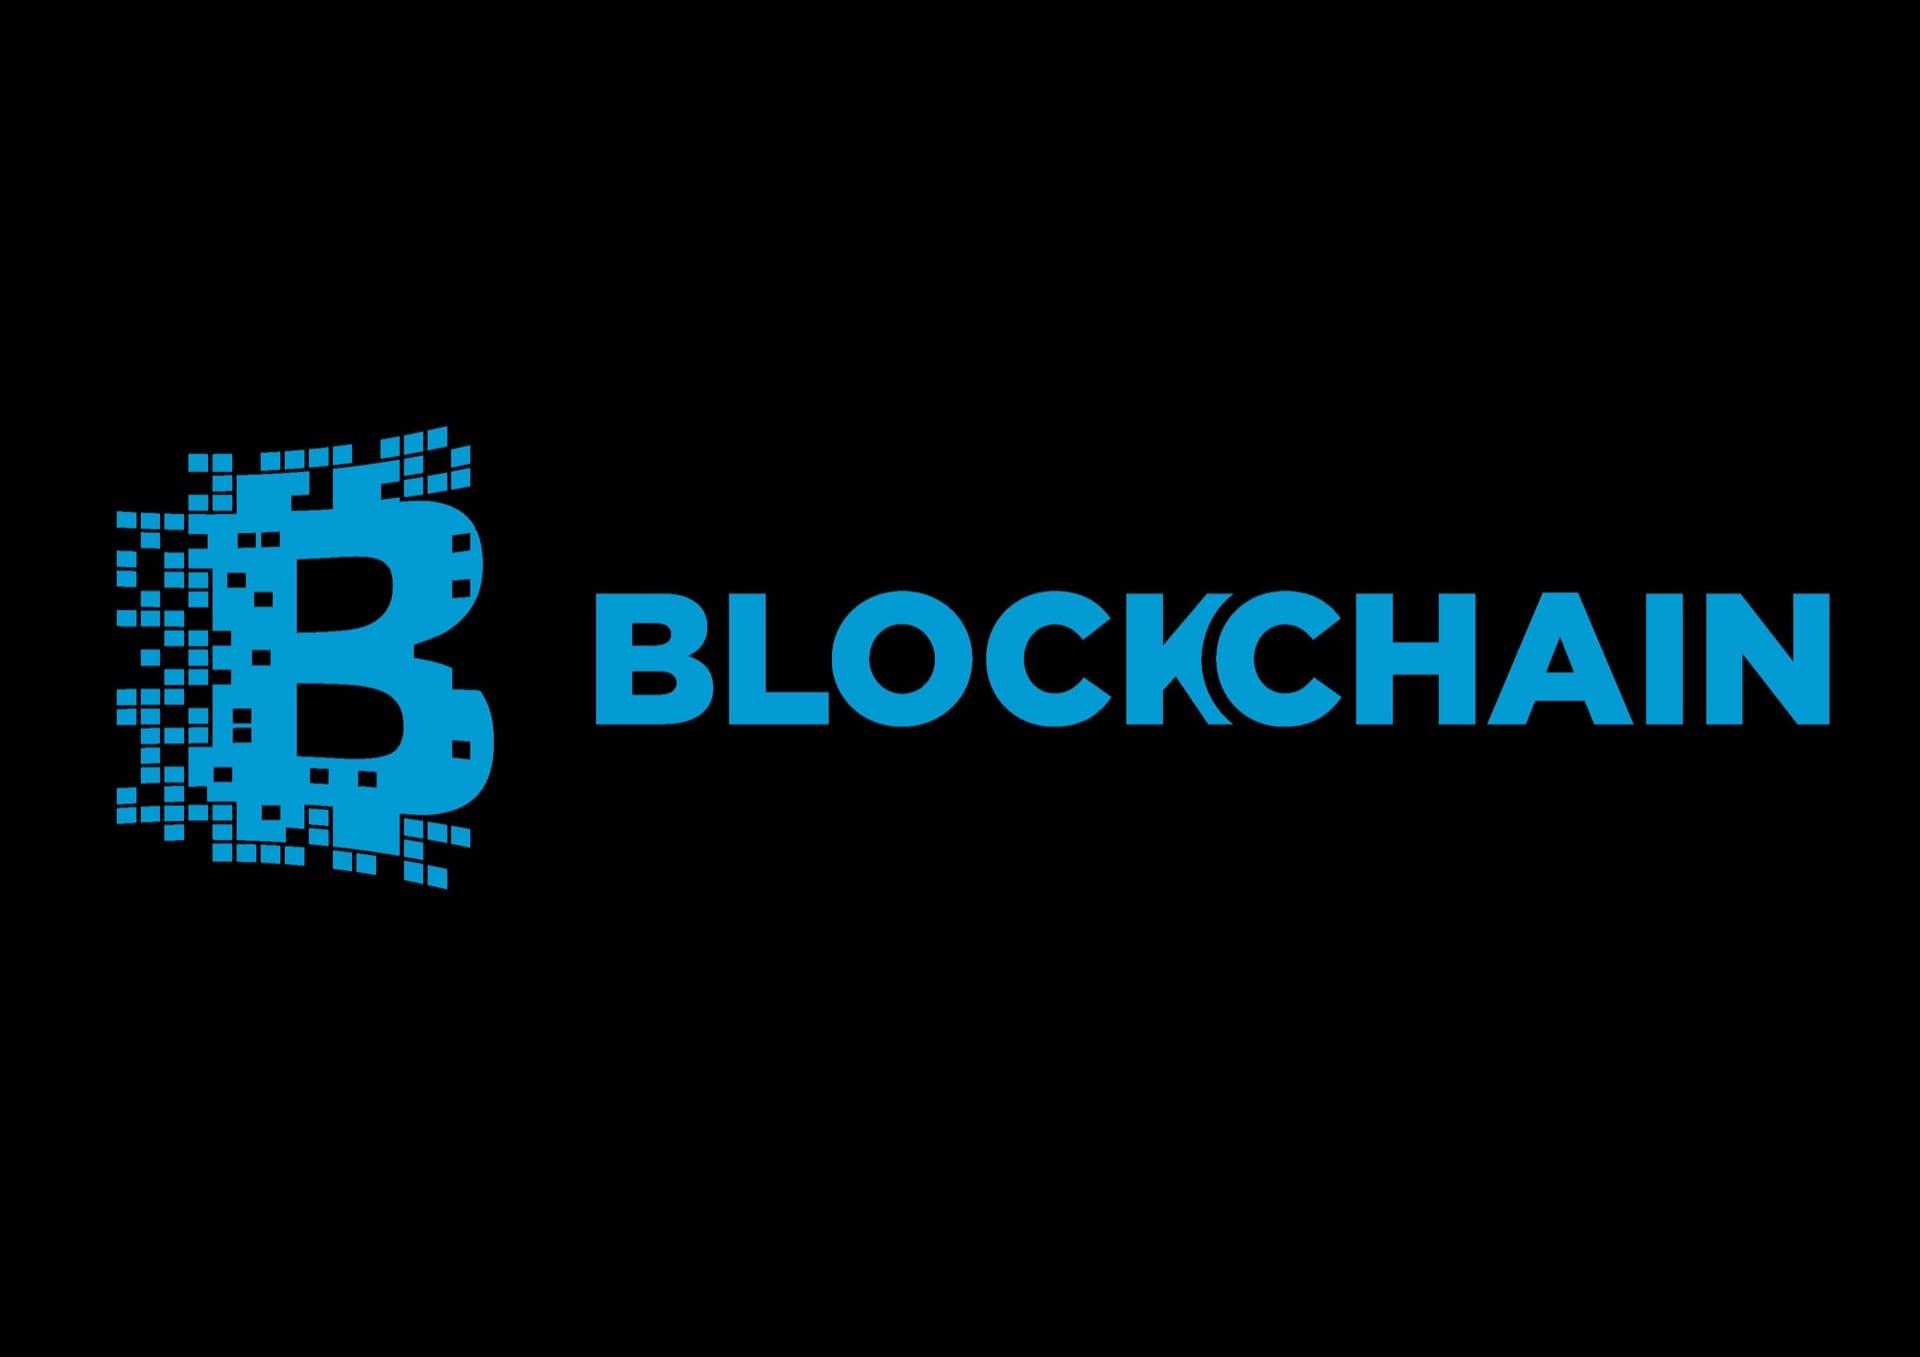 Blochain info